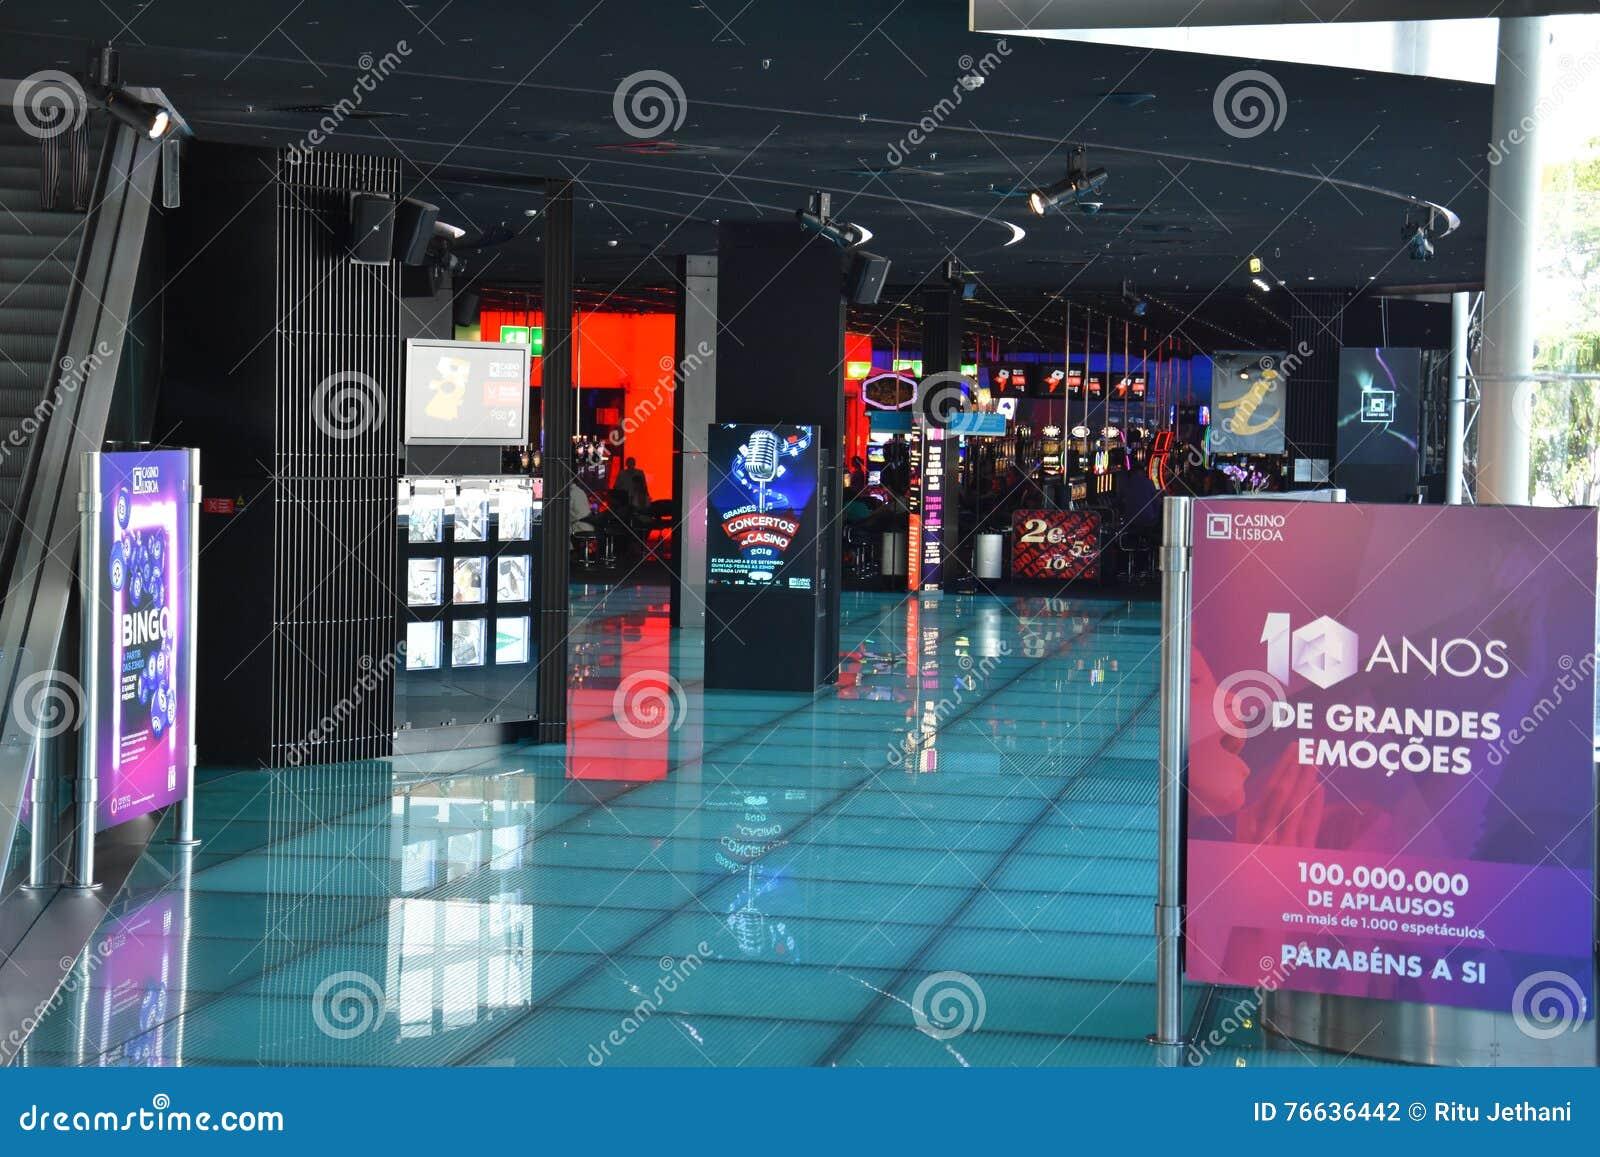 Casino Portugal com 365359